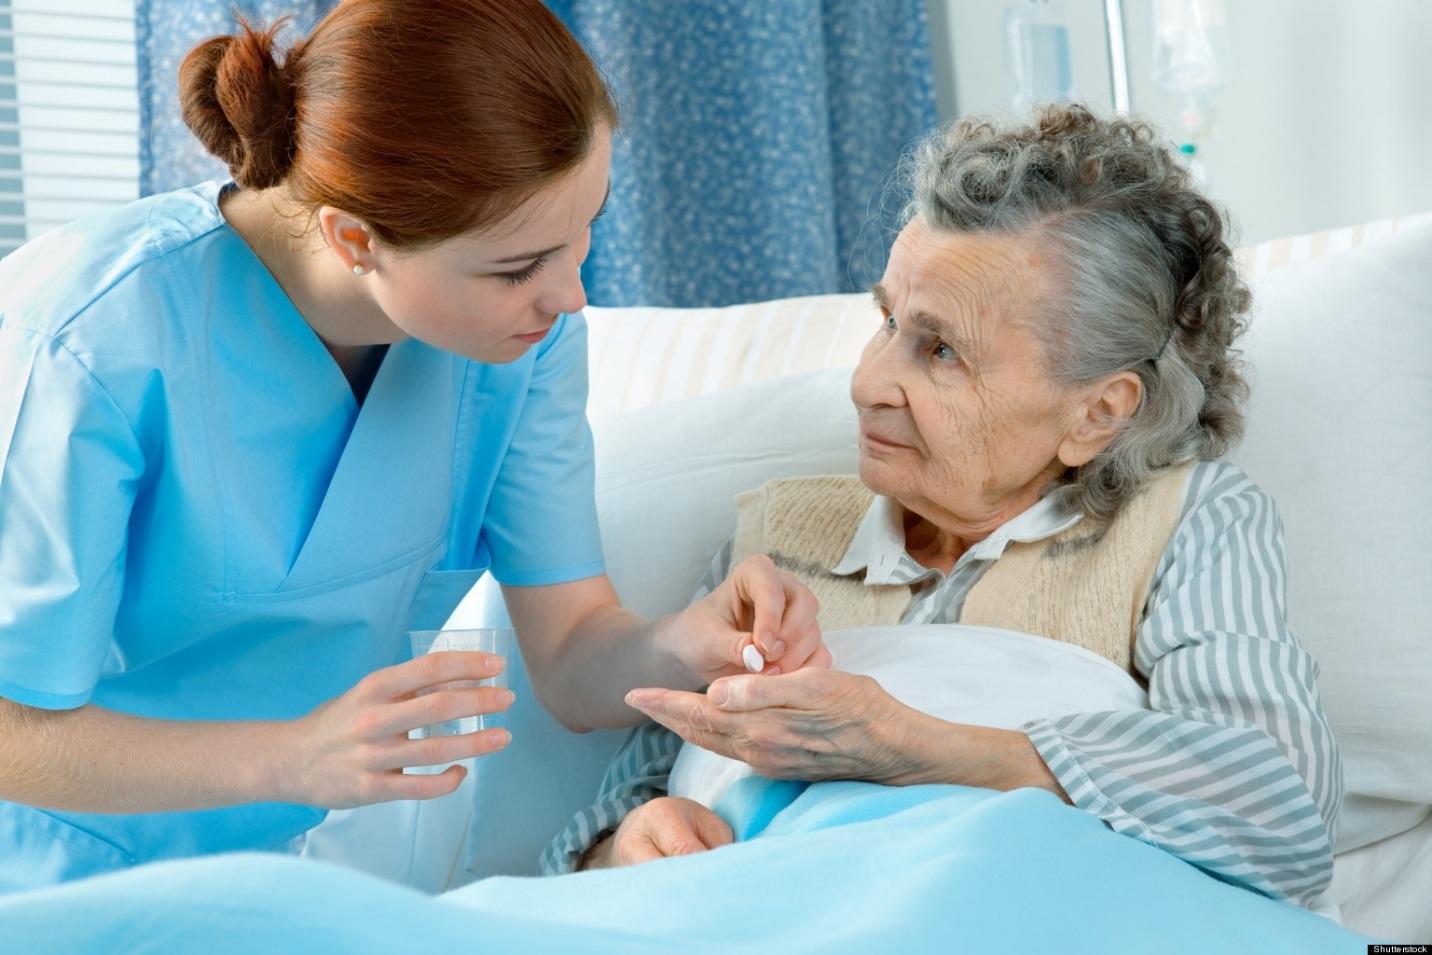 10.000 điều dưỡng viên Việt Nam sẽ đến Nhật Bản trong hai năm tới để giải quyết tình trạng thiếu hụt lao động trong lĩnh vực chăm sóc người già.